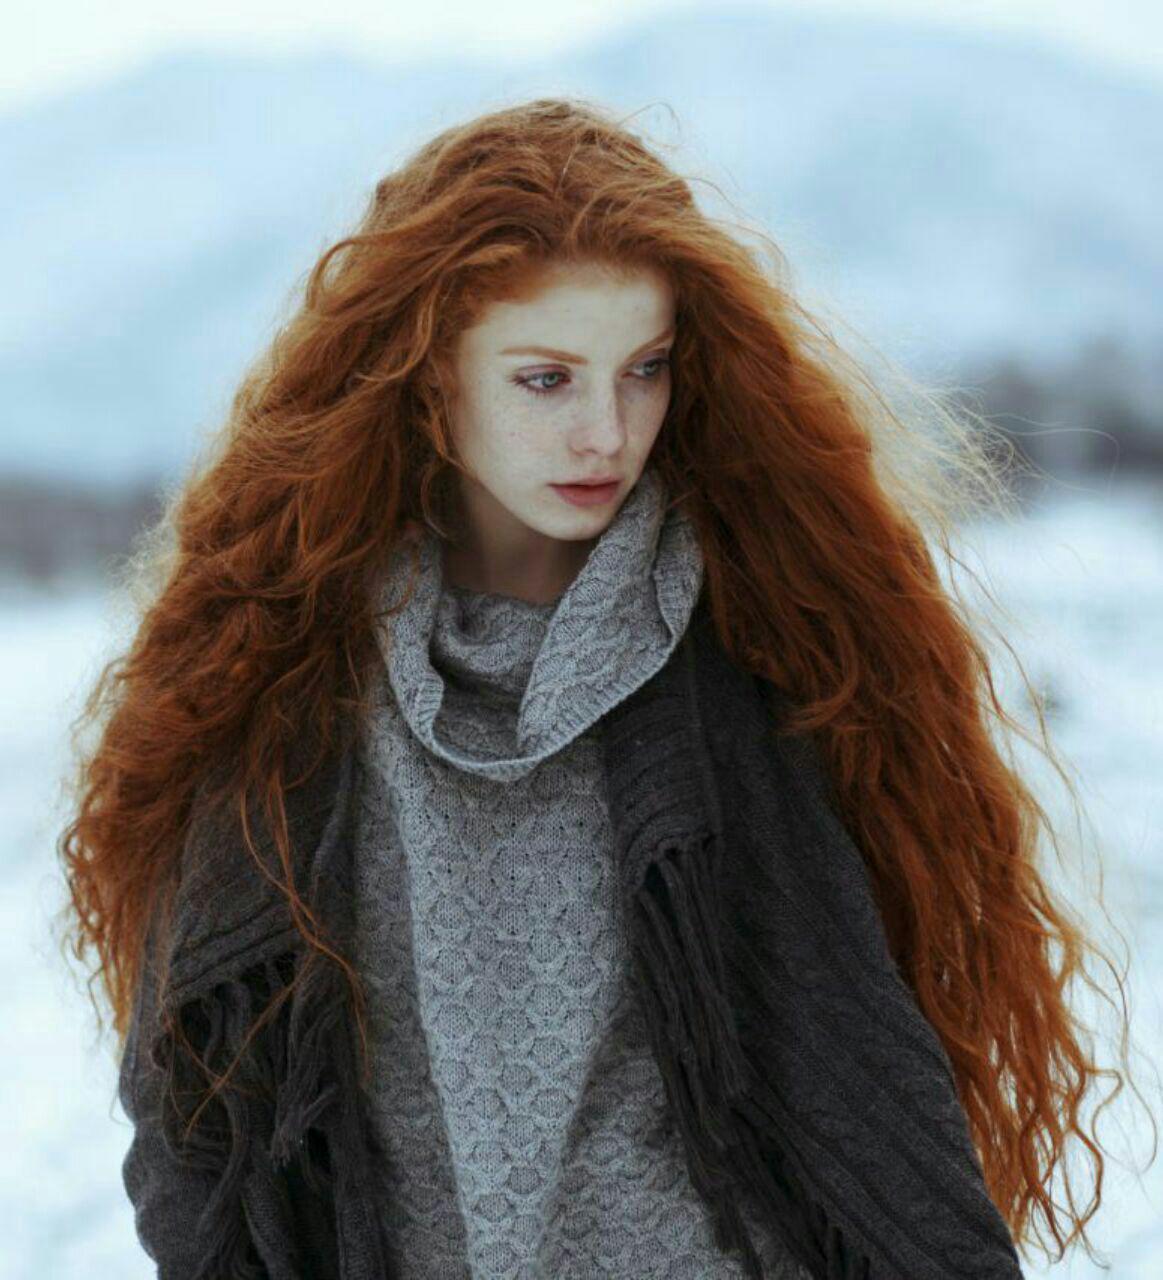 عکس دختر با موهای بلند